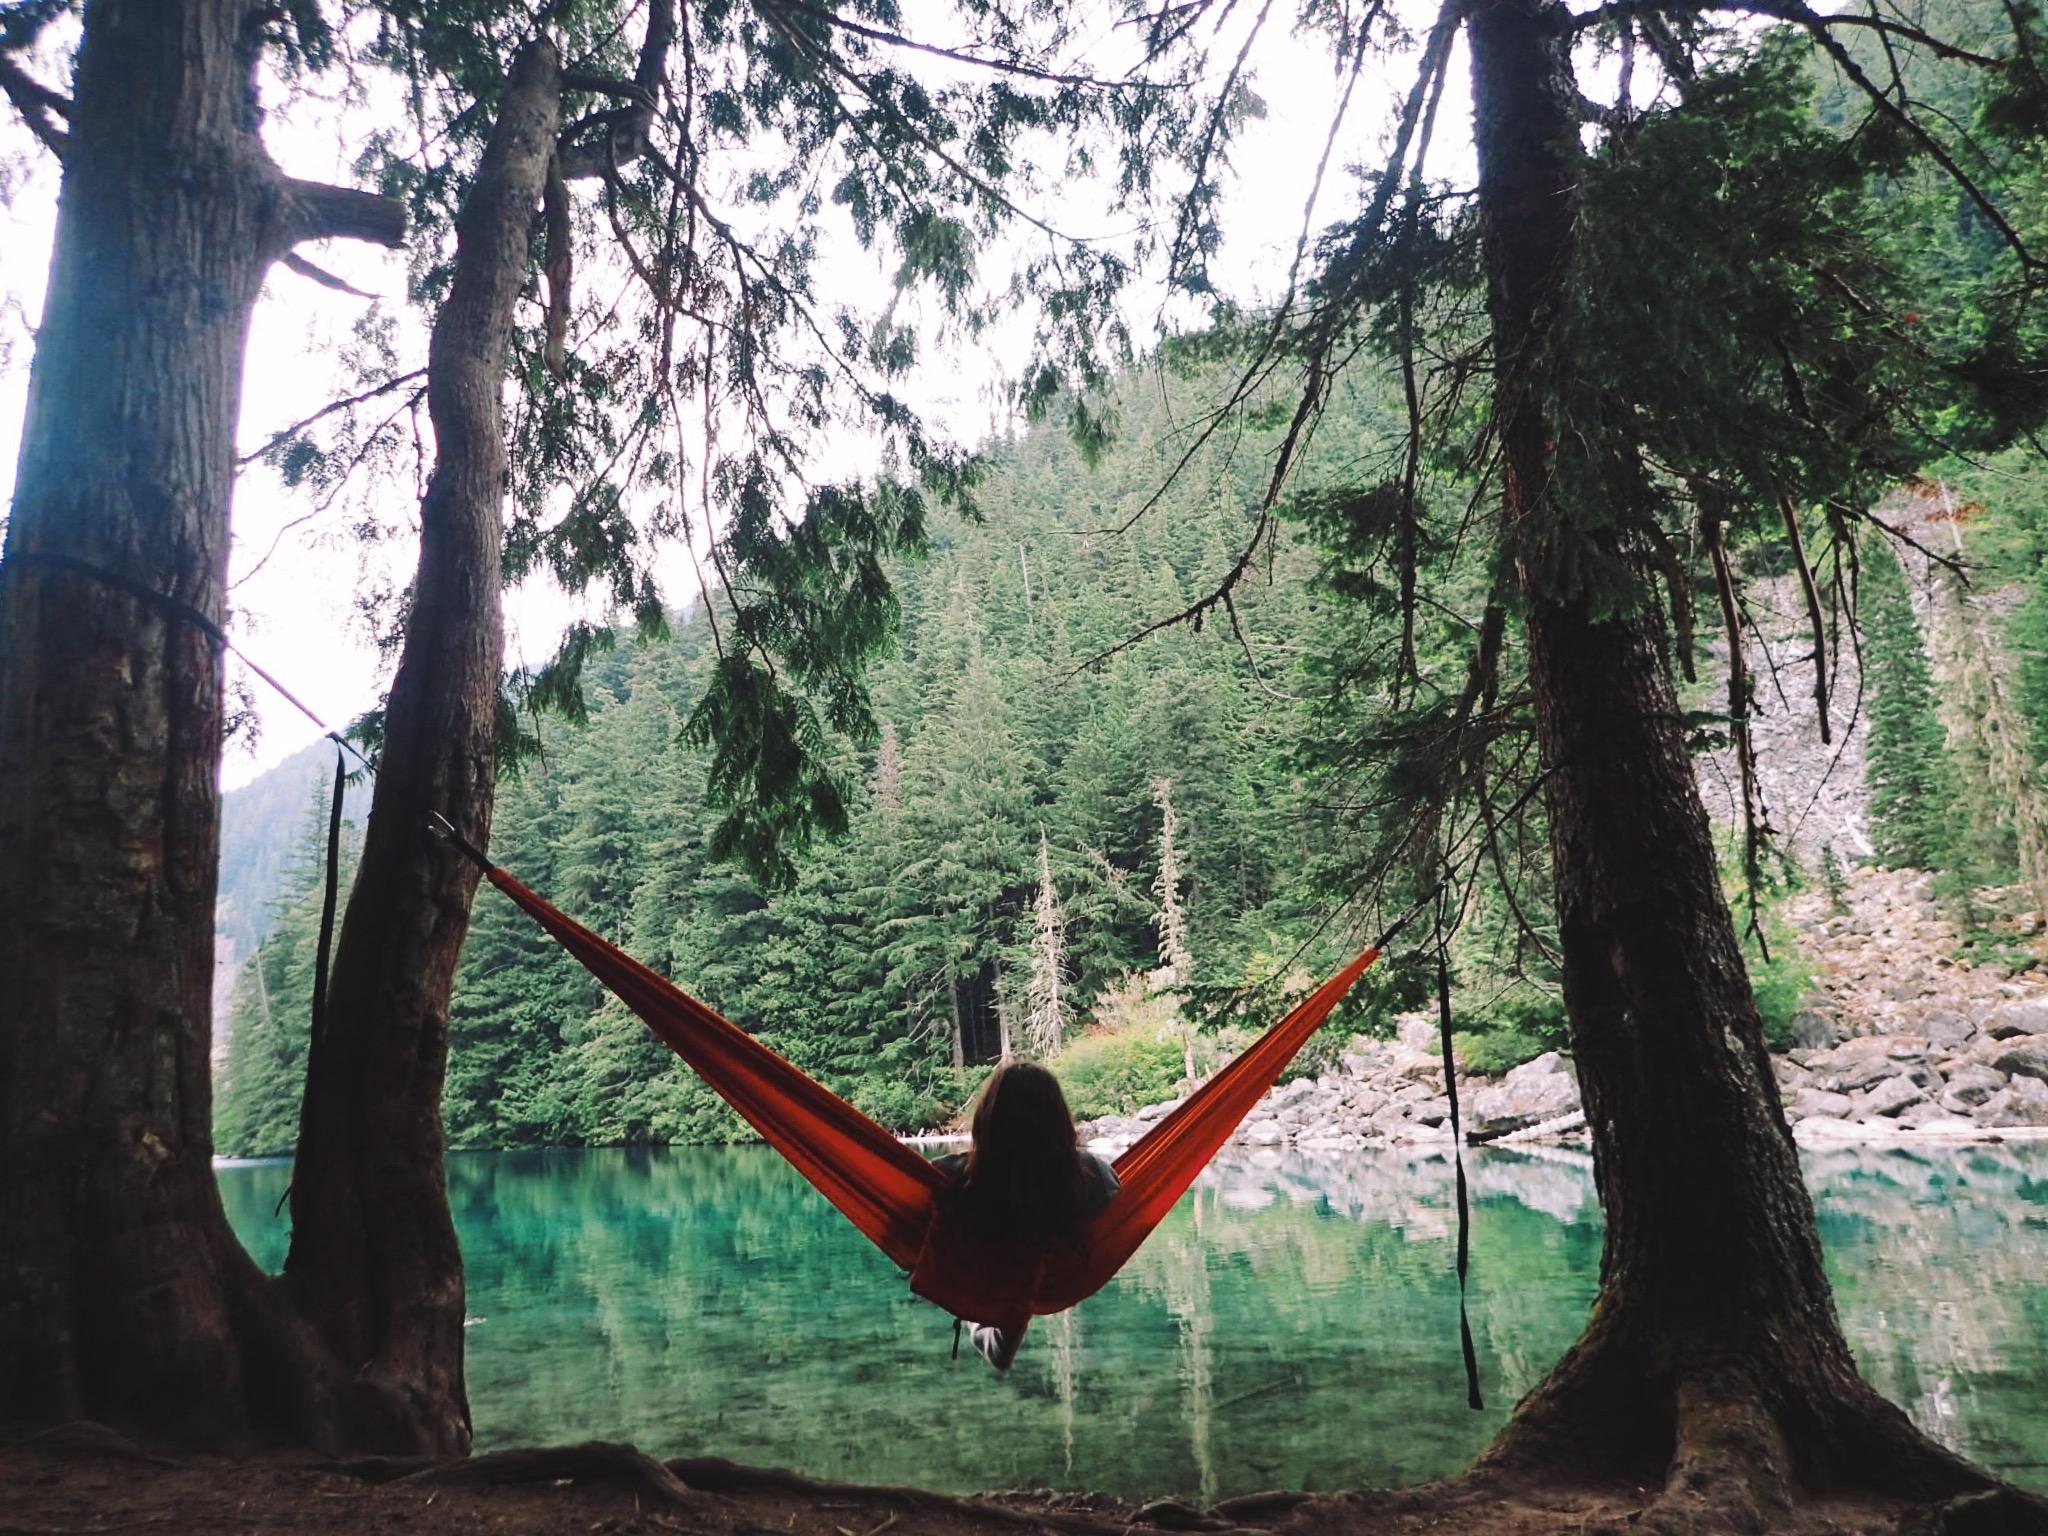 Relaxing in my thermarest slacker hammock